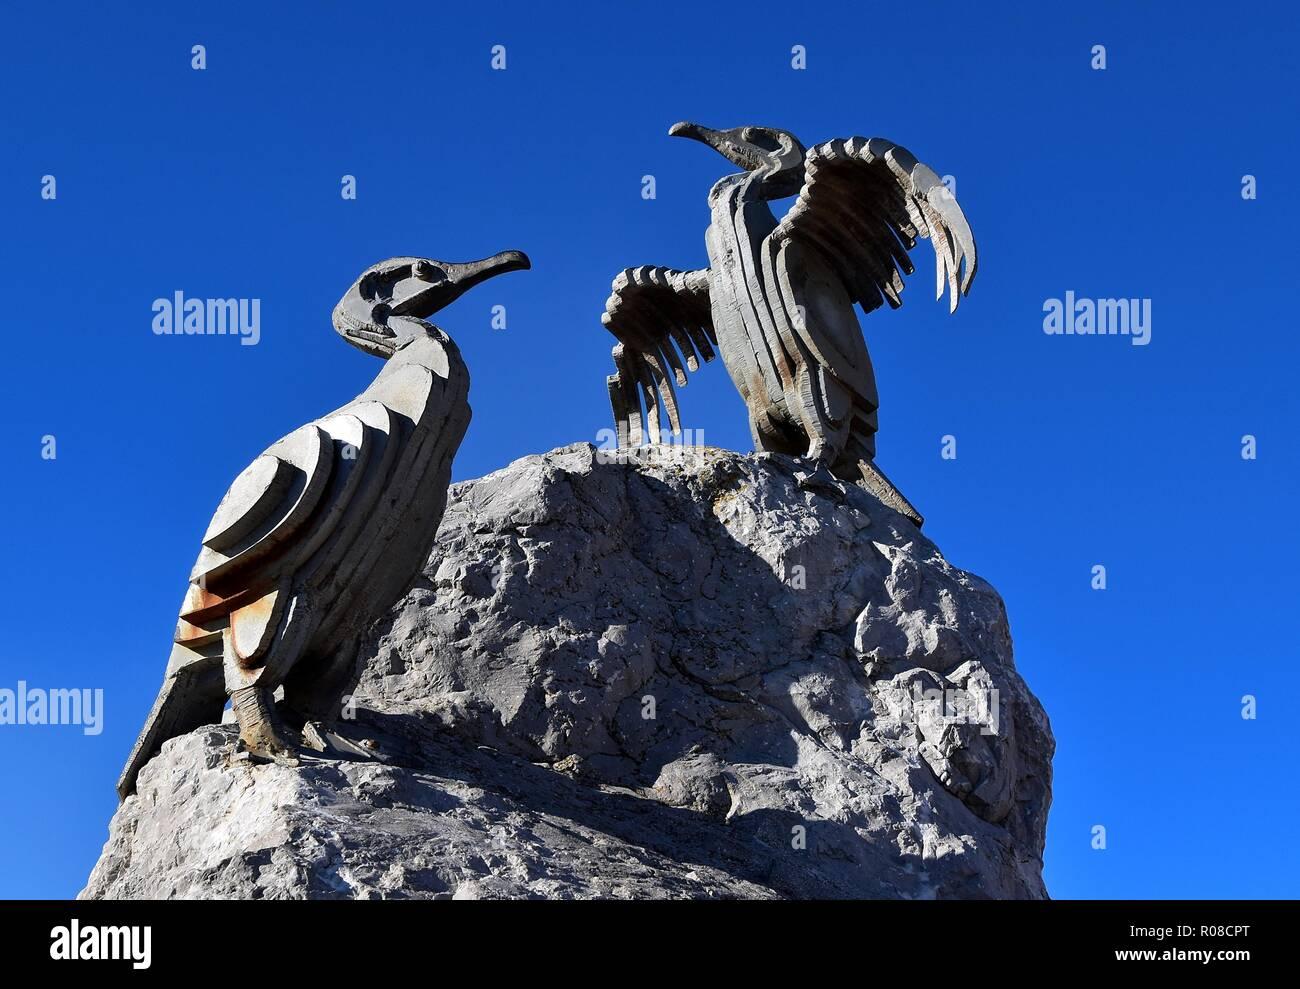 Cormorant Sculpture - Stock Image